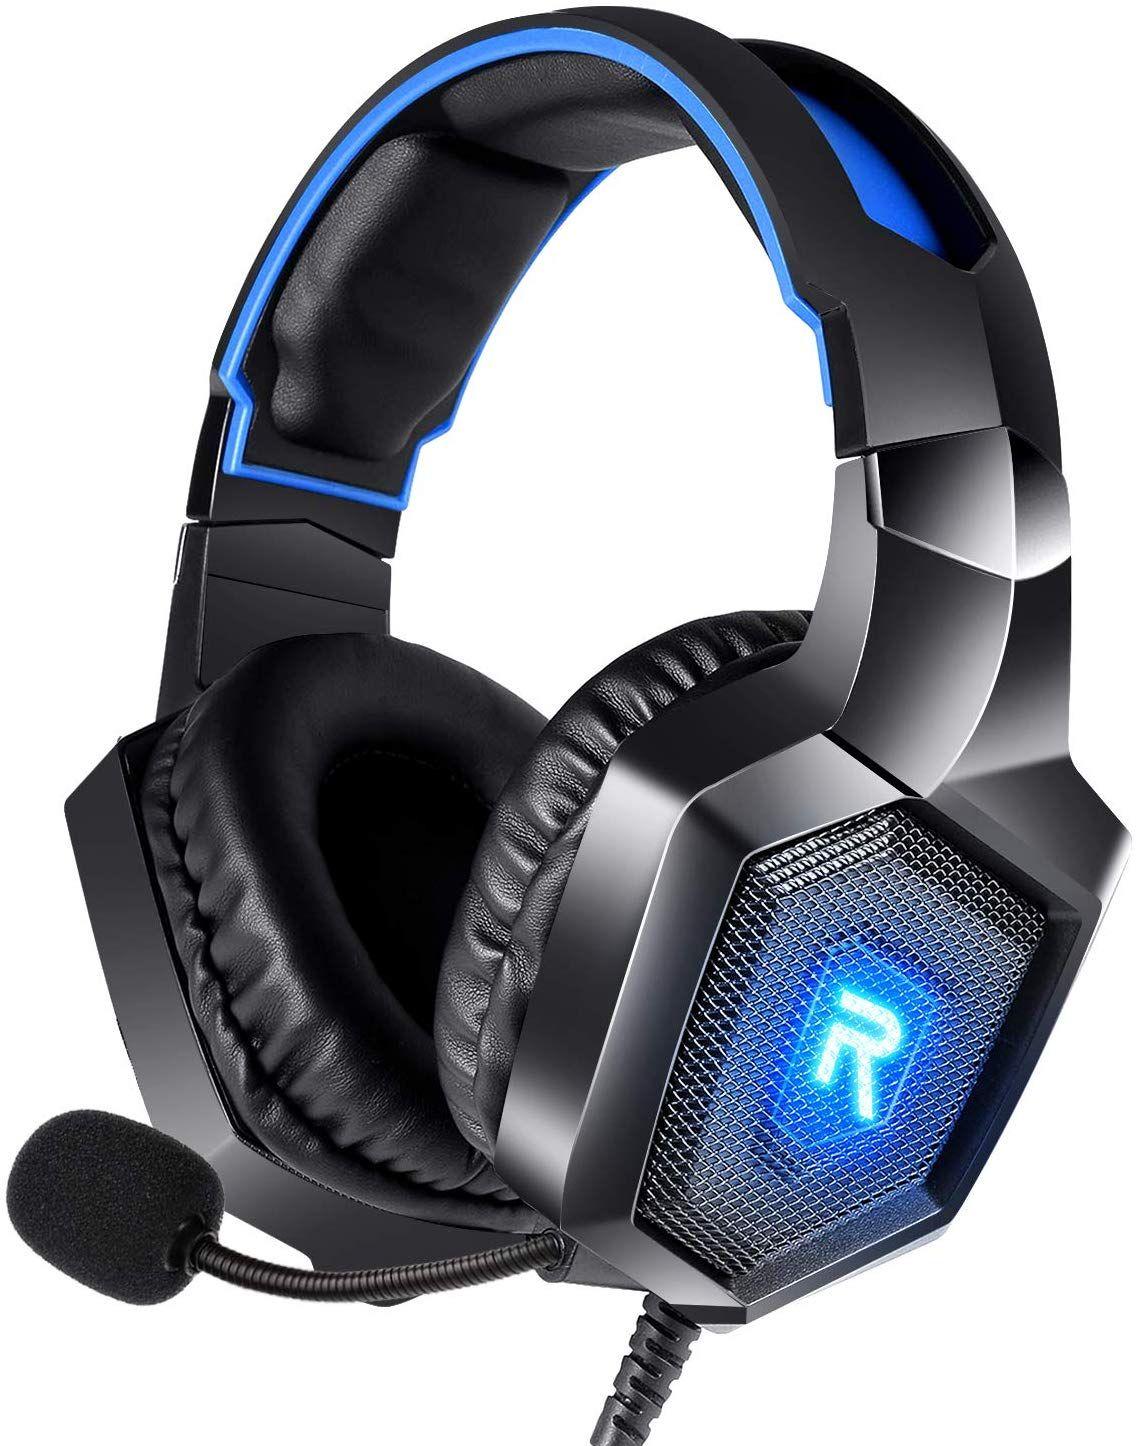 سماعة ستيريو الألعاب لPS4، وأجهزة الكمبيوتر، أجهزة إكس بوكس وحدة تحكم واحدة، وإلغاء الضوضاء أكثر من سماعات الأذن لأجهزة الكمبيوتر المحمول ماك نينتندو تبديل الالعاب